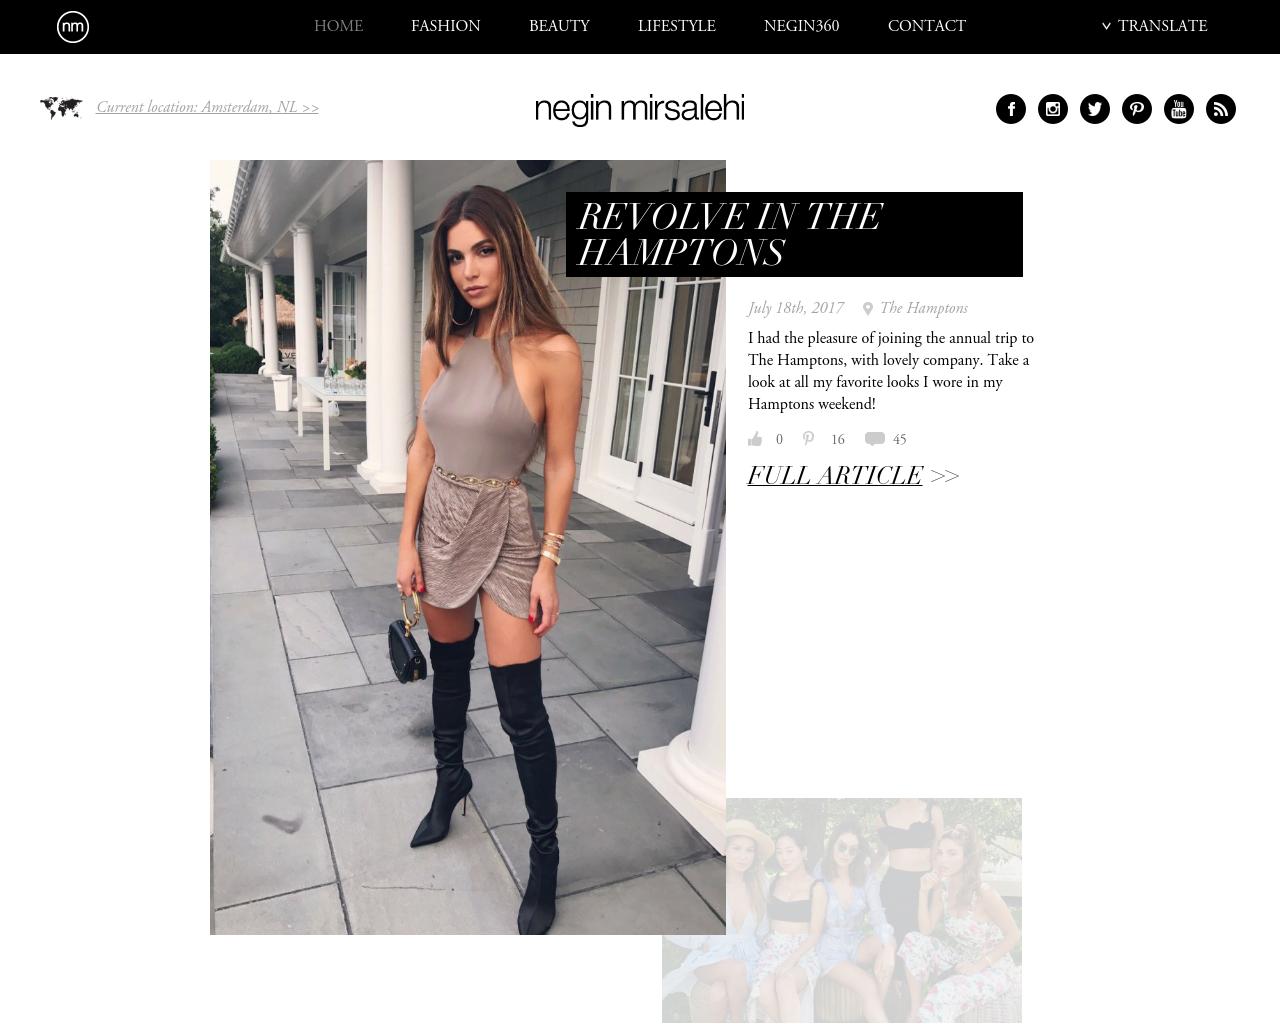 Negin-Mirsalehi-Advertising-Reviews-Pricing